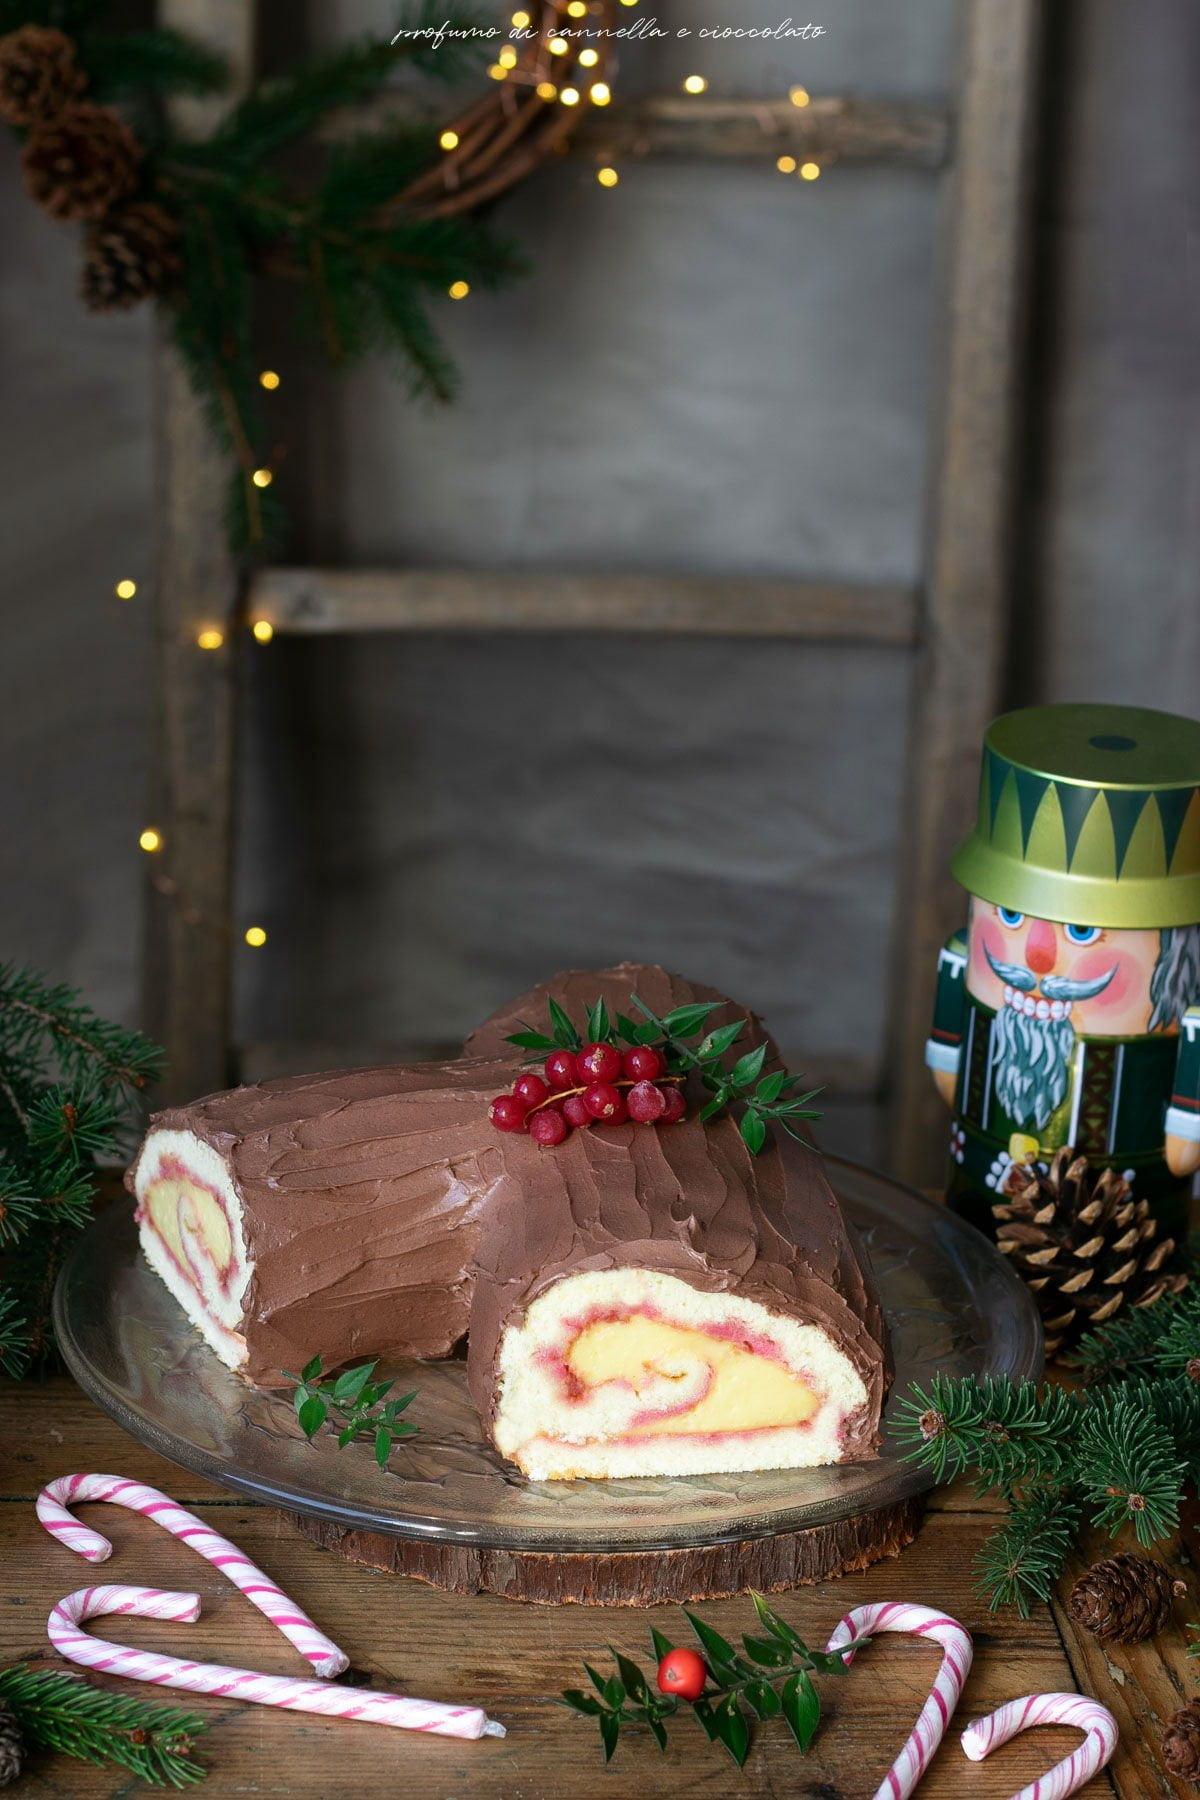 Tronchetto al cioccolato e crema pasticcera